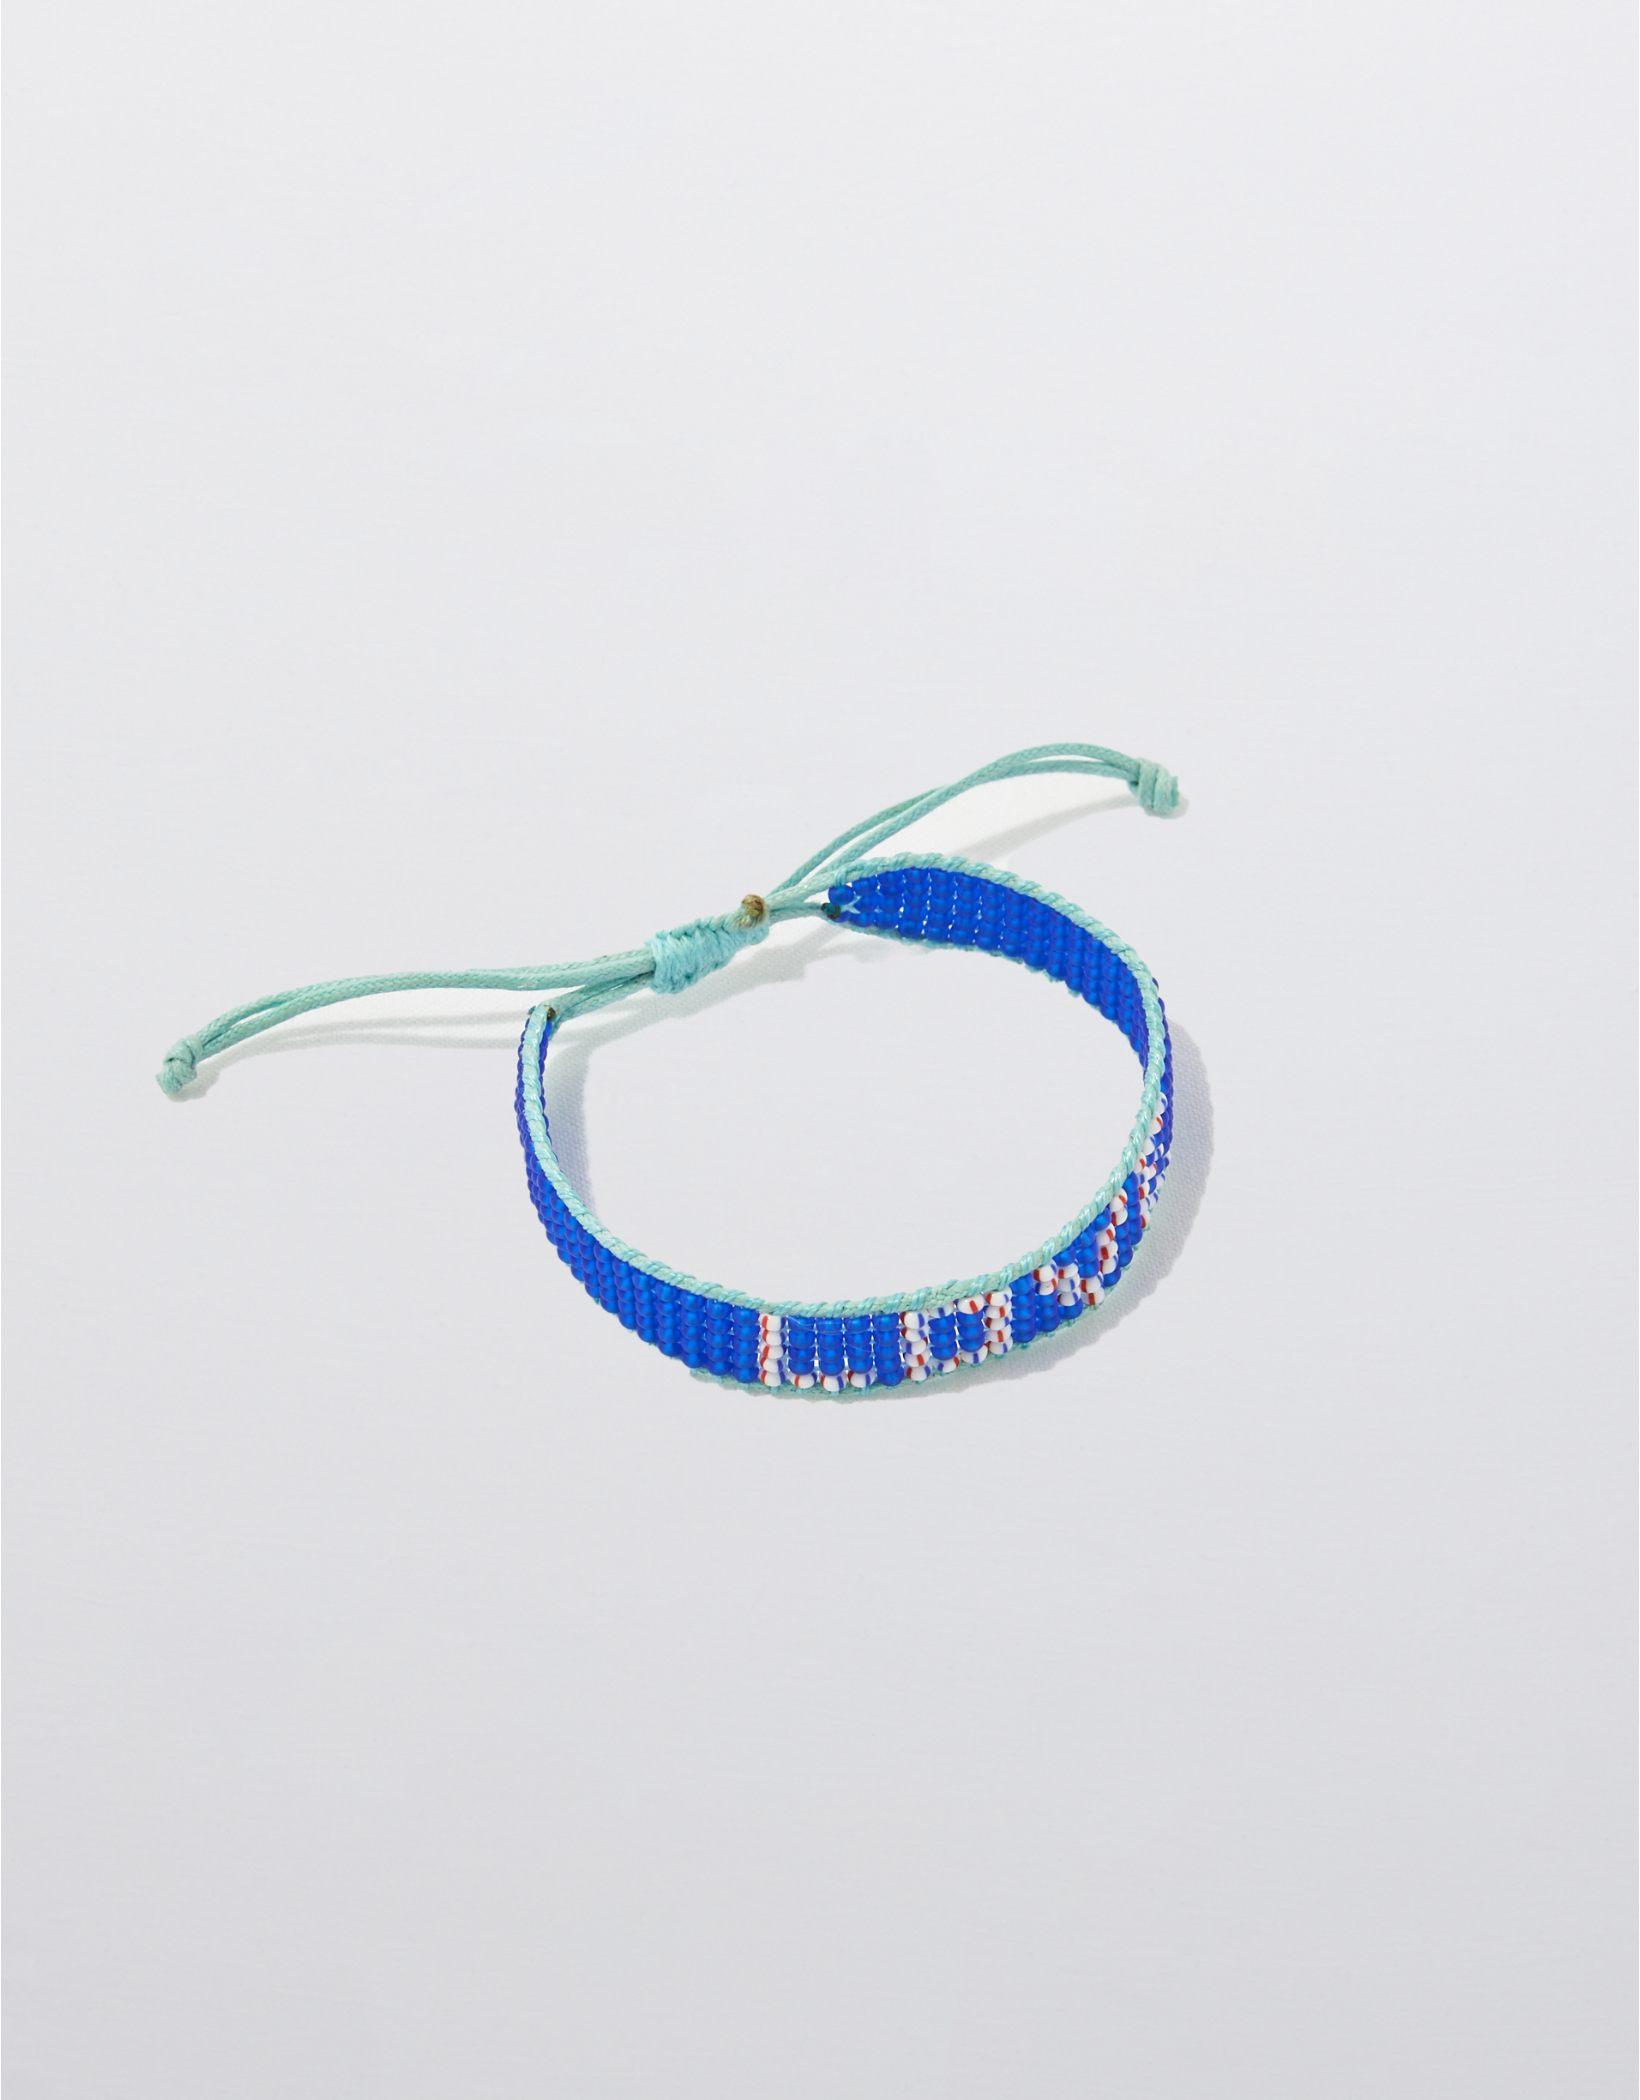 Ubuntu Love Bracelet